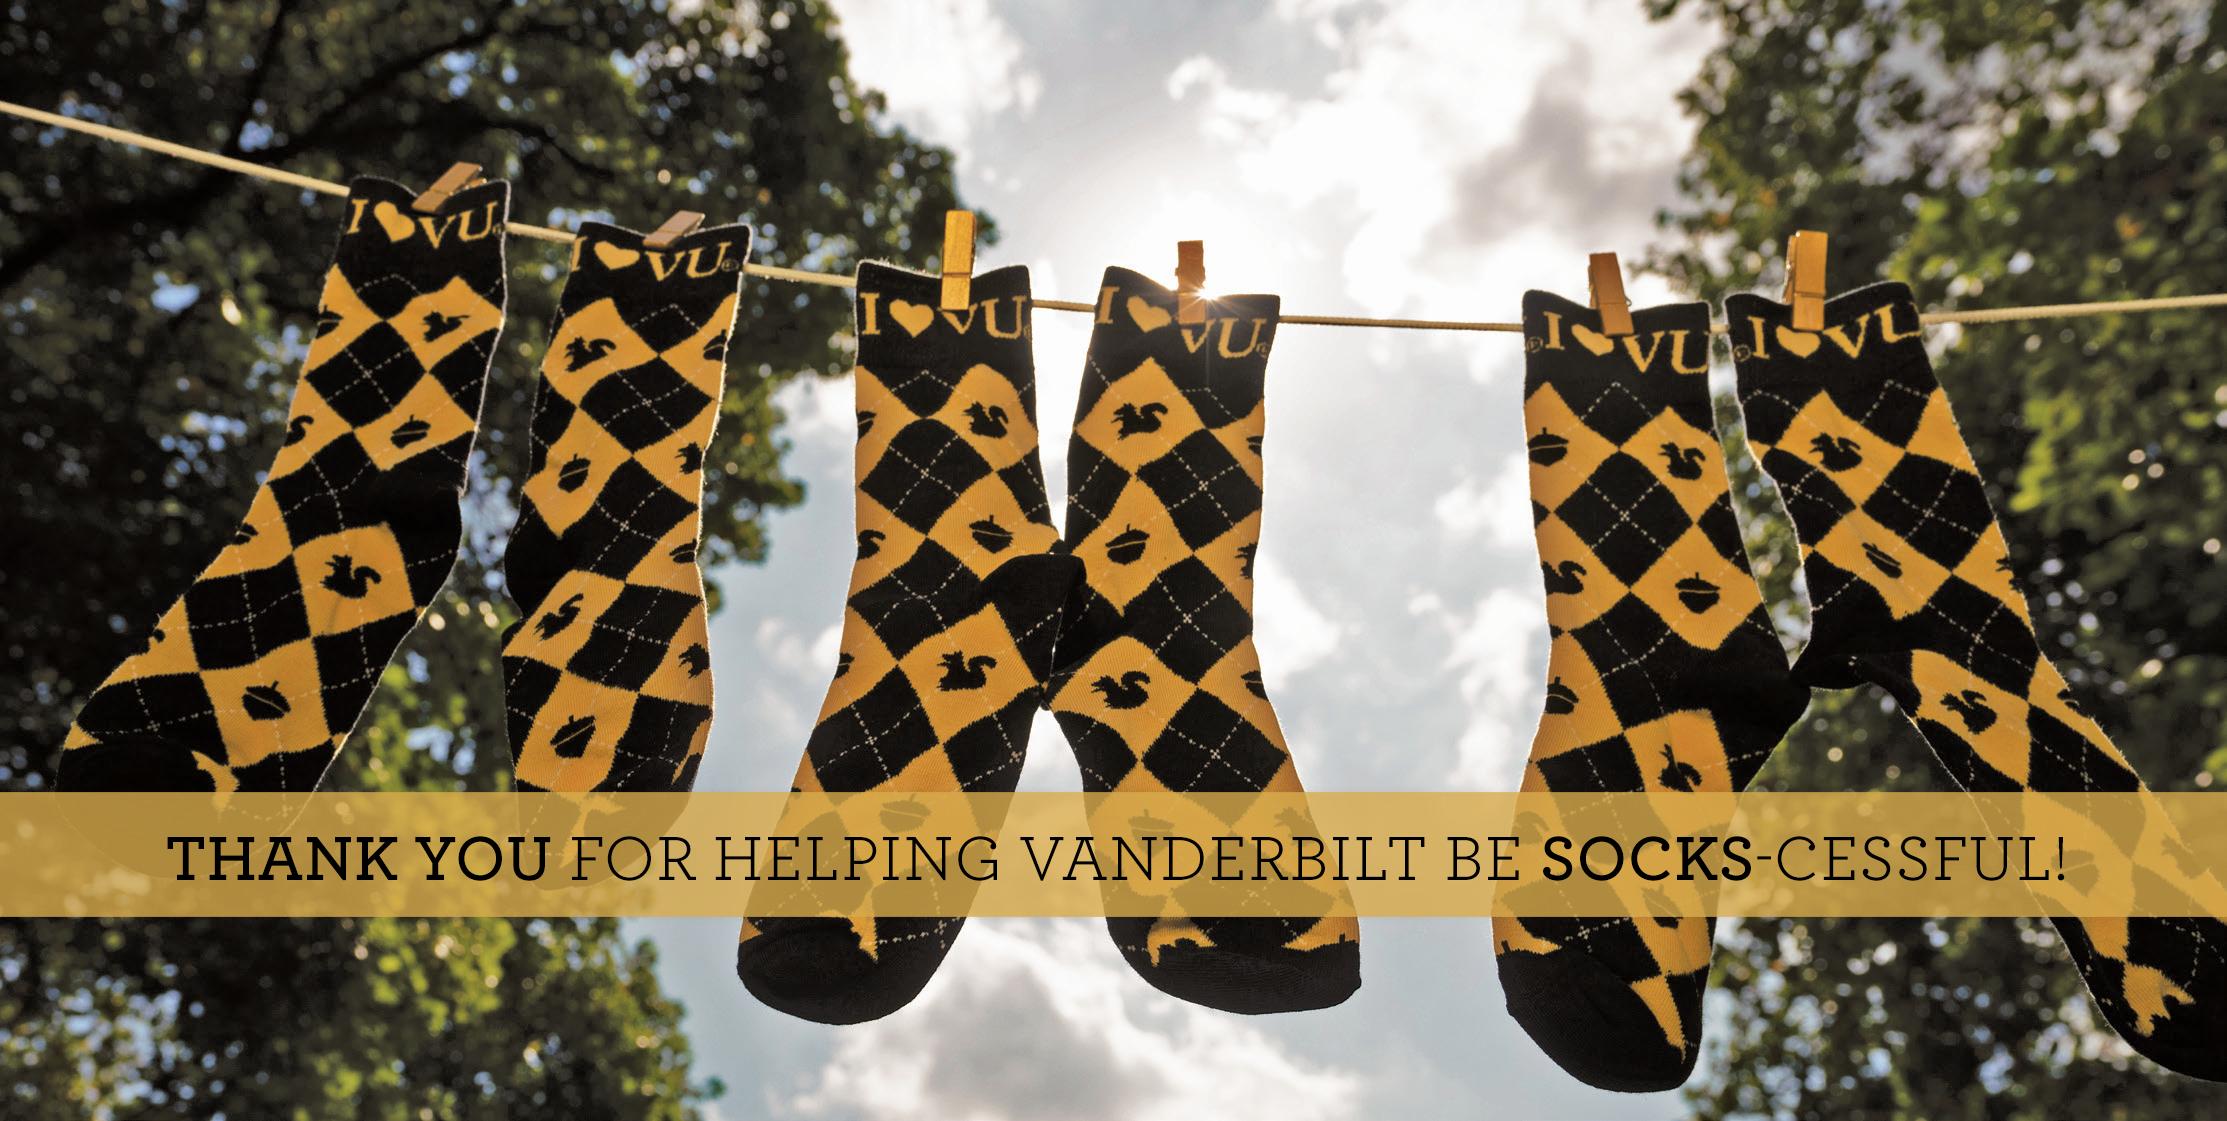 image of vanderbilt socks